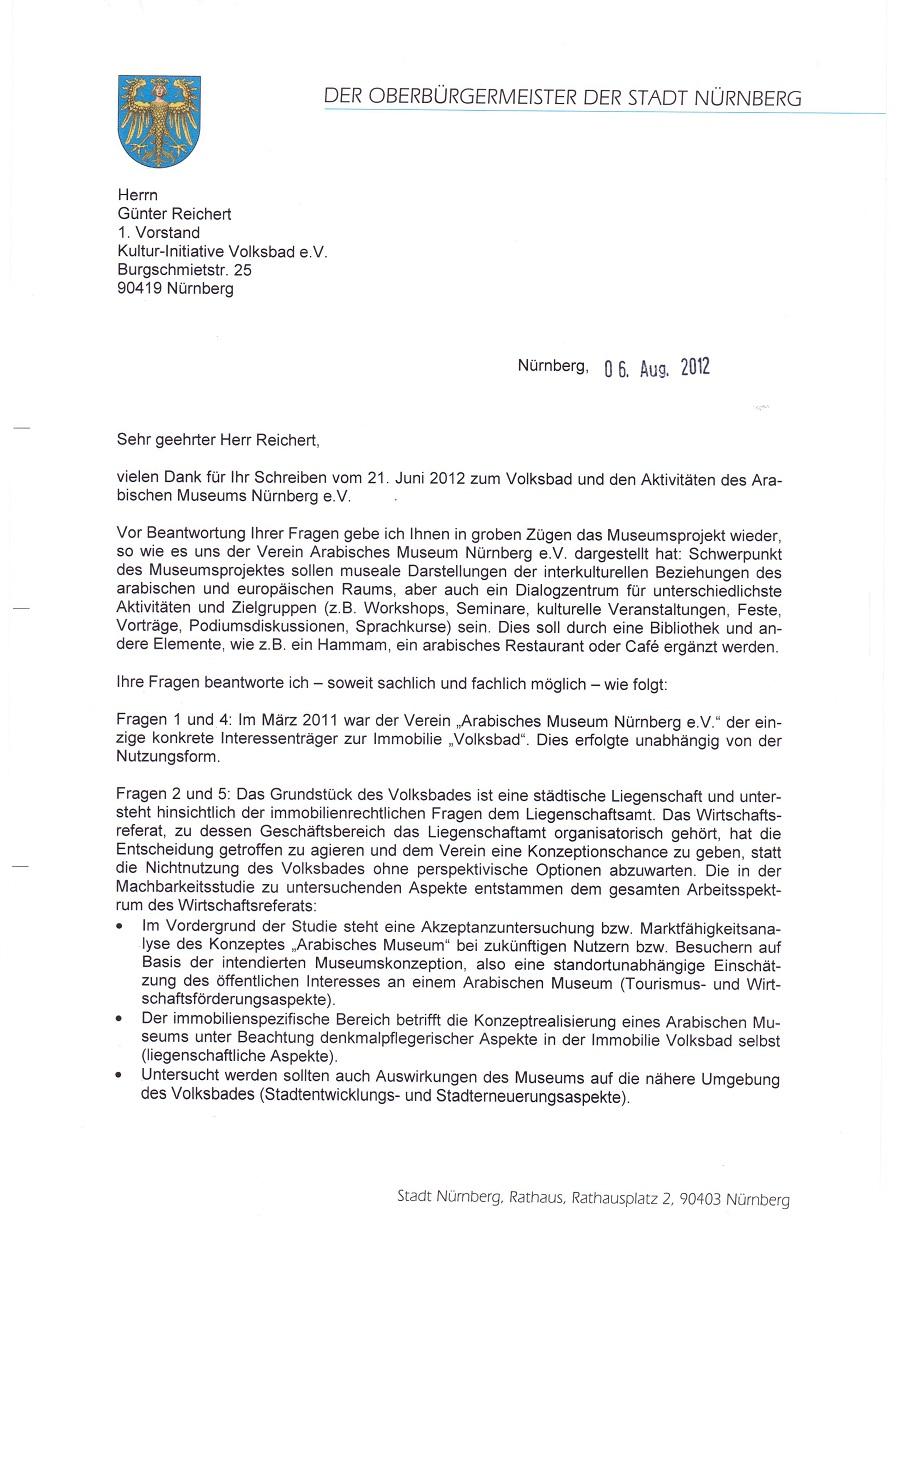 Antwortschreiben vom 06.08.2012